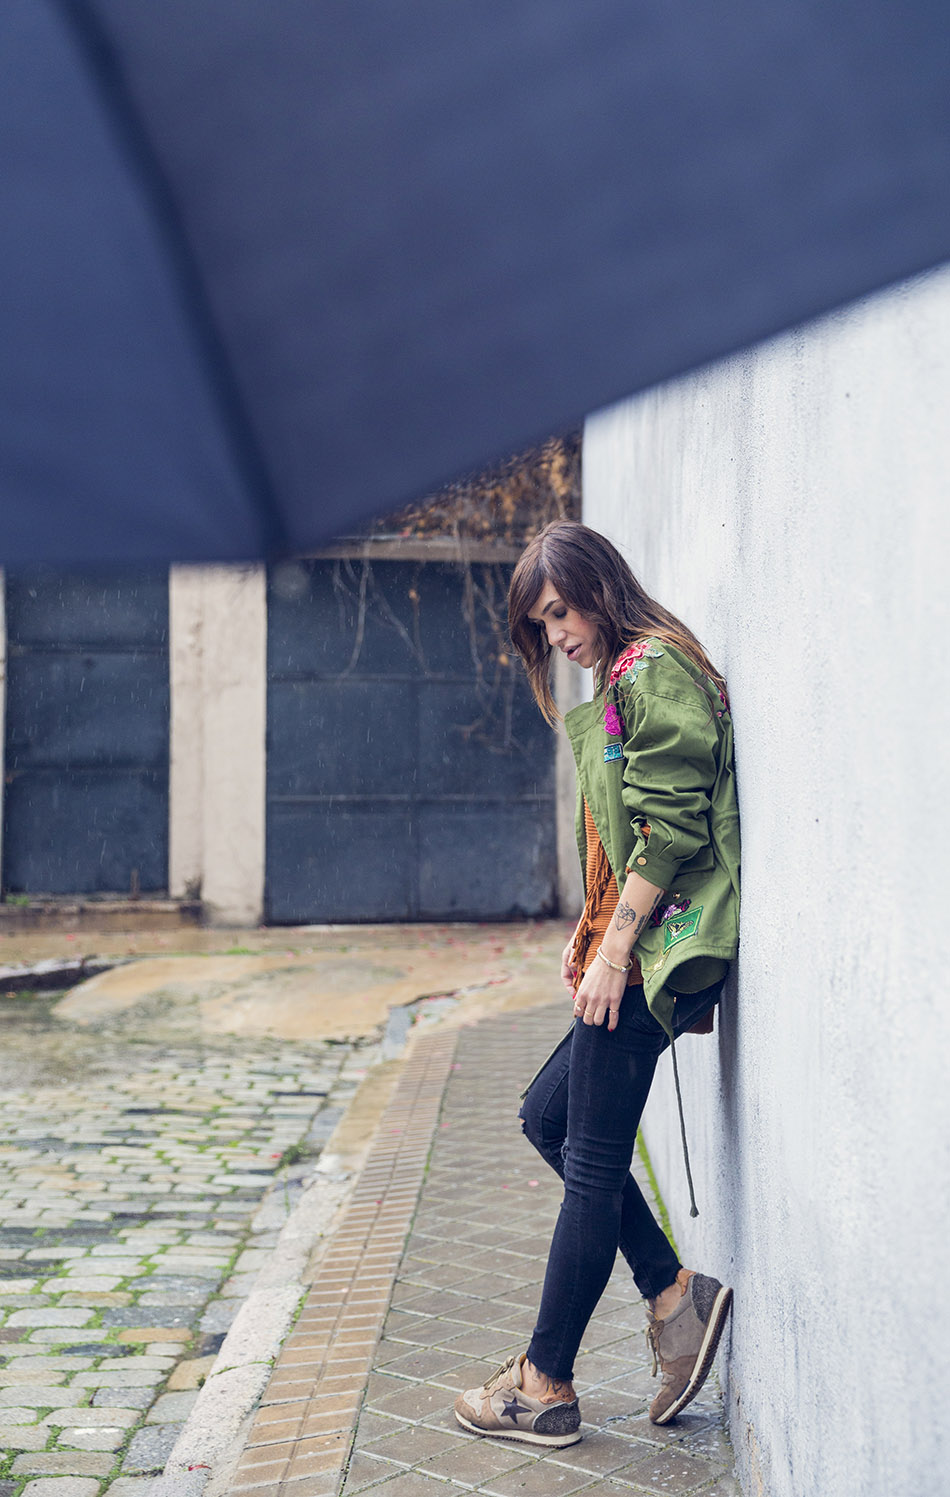 look de street style con parka con flores bordadas, jersey en color caramelo con flecos, jeans pitillo con rotos y desgastados, deportivas y bolsito al hombro de piel marrón